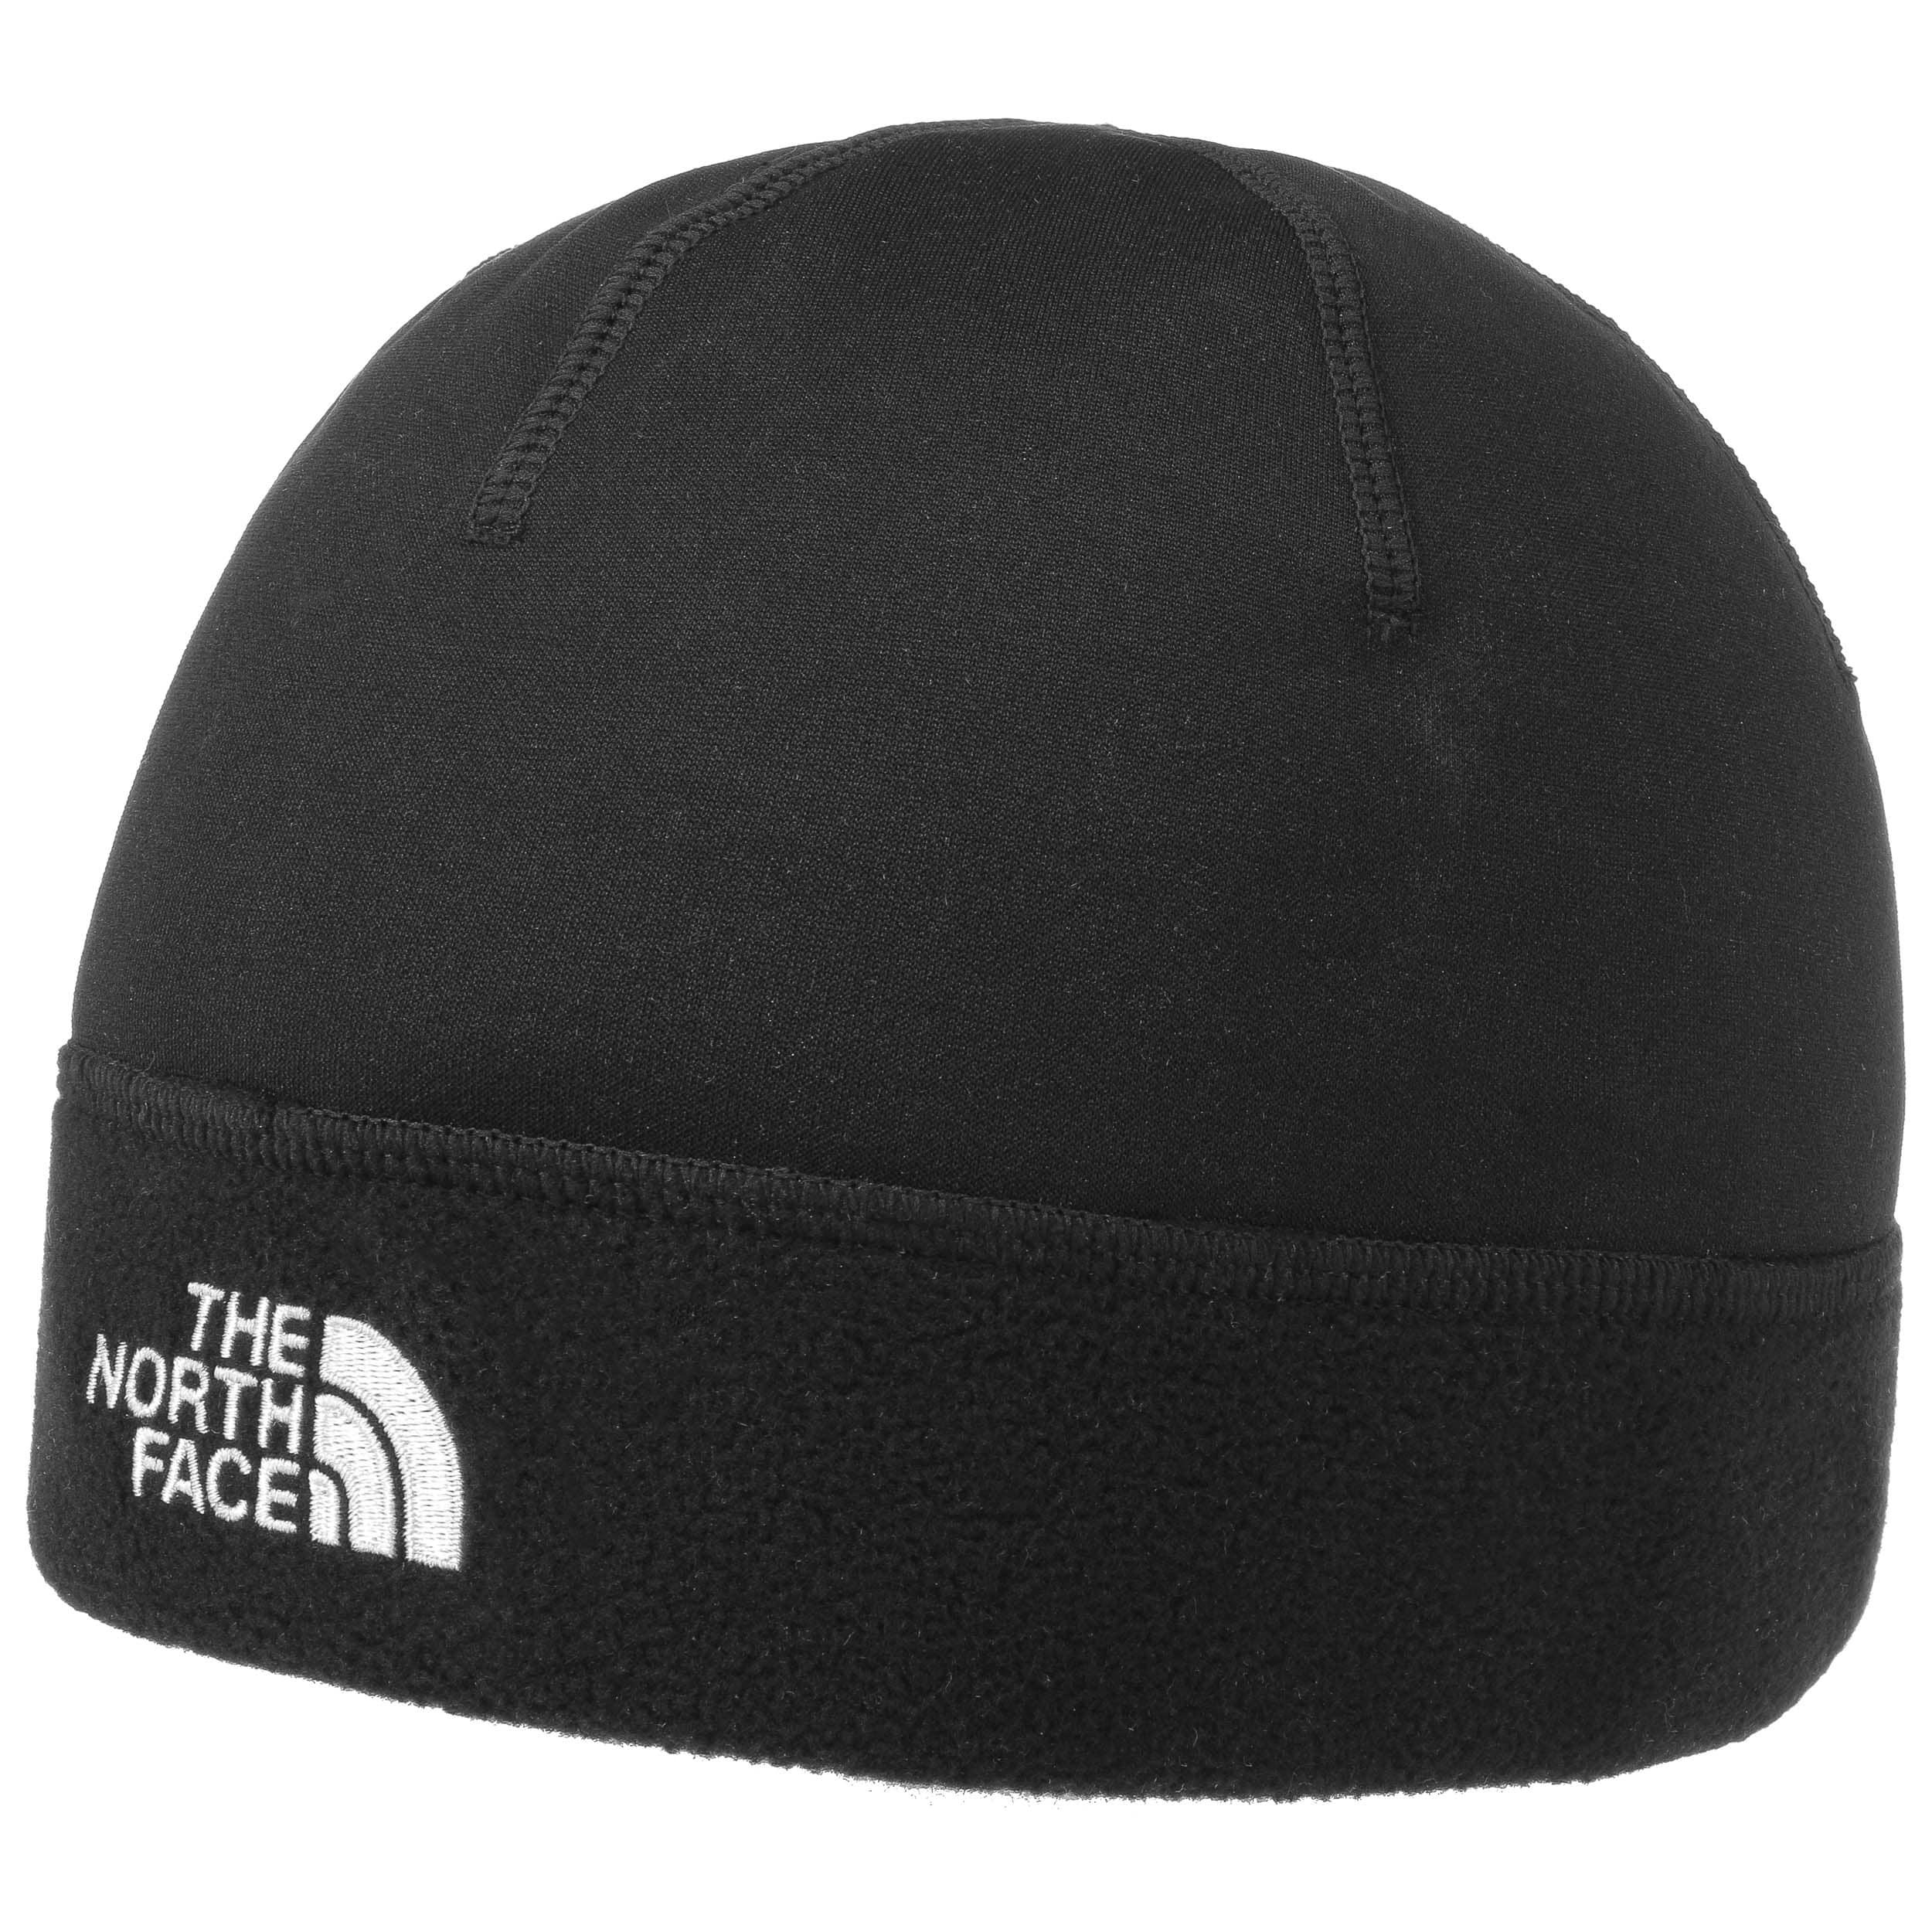 ... Surgent Fleece Beanie Hat by The North Face - black 5 075fccc2d63